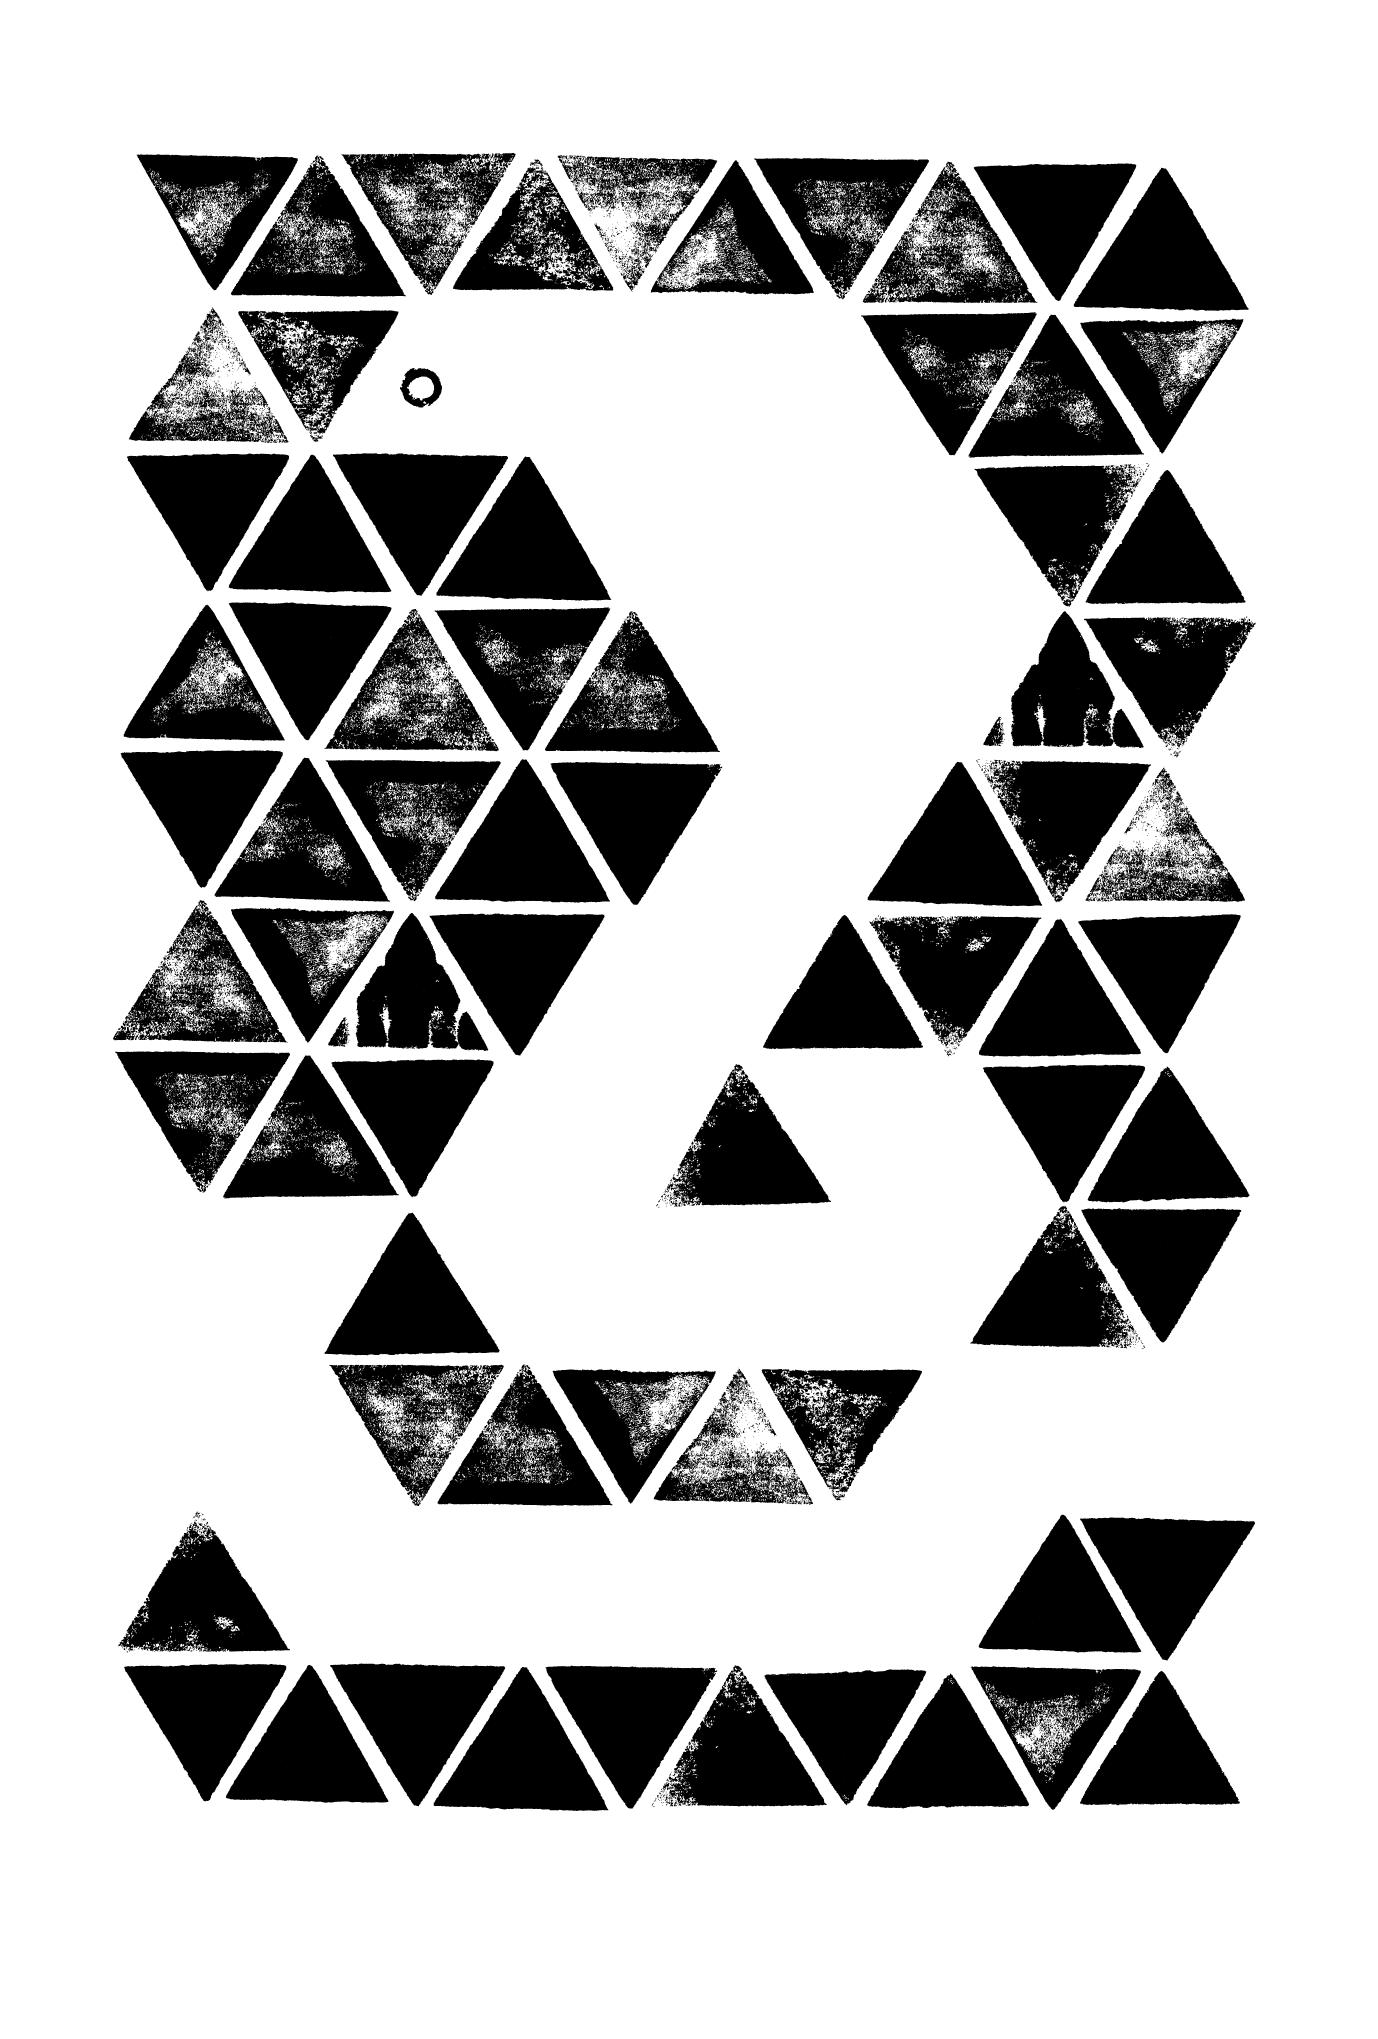 2013年賀状31-3:Triangle Cobra / 3のダウンロード画像